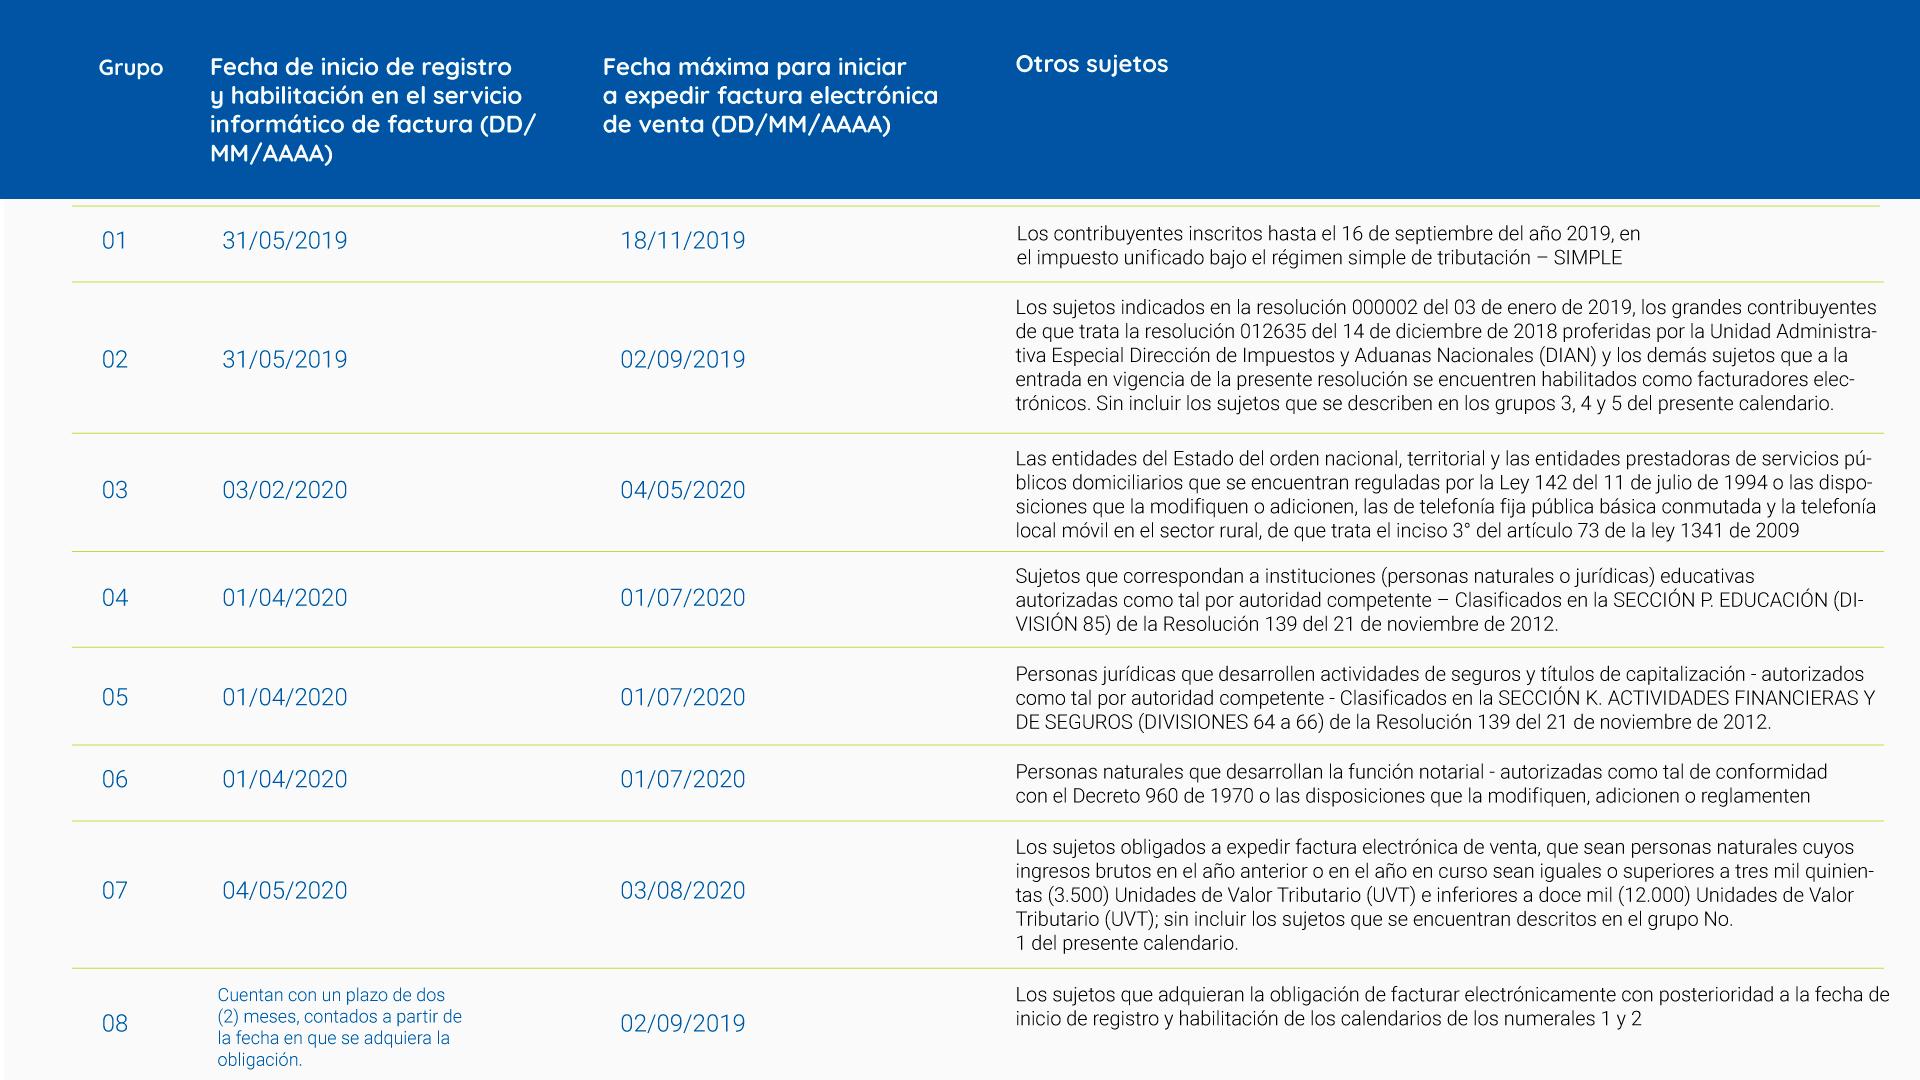 Calendario de implementación que no atiende a la actividad económica CIIU, para otros sujetos obligados.